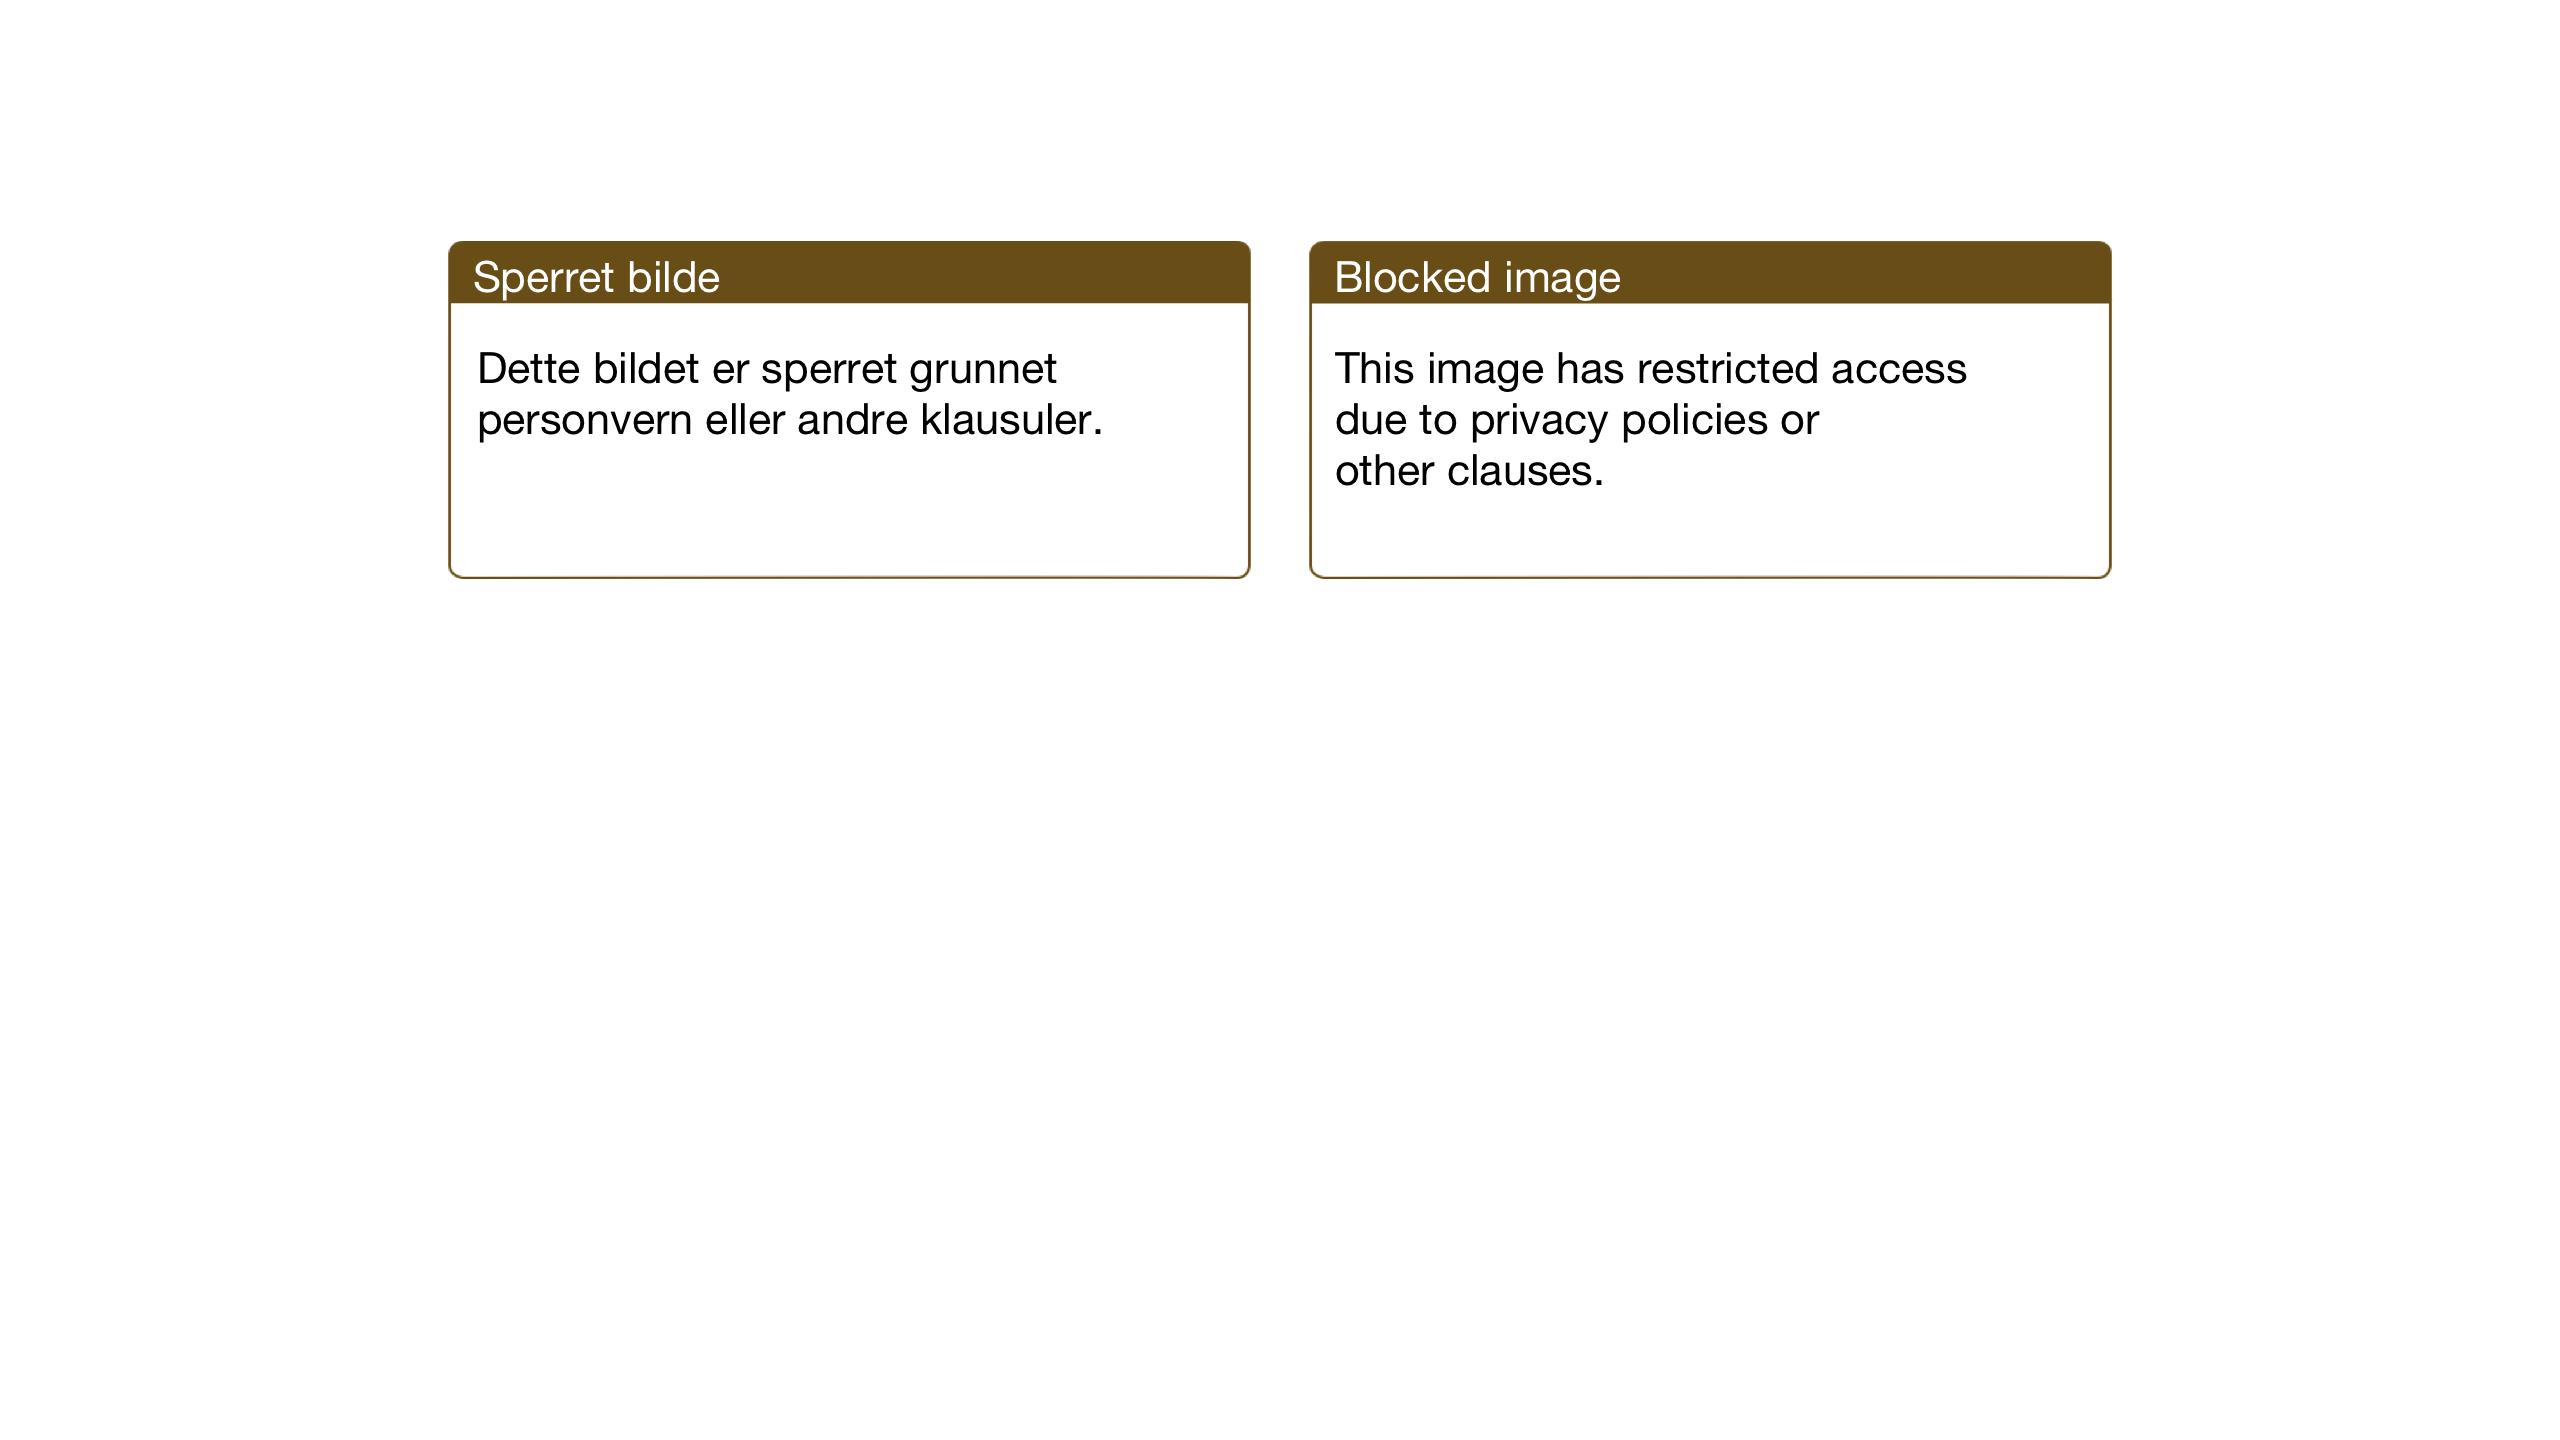 SAT, Ministerialprotokoller, klokkerbøker og fødselsregistre - Sør-Trøndelag, 696/L1161: Klokkerbok nr. 696C01, 1902-1950, s. 63